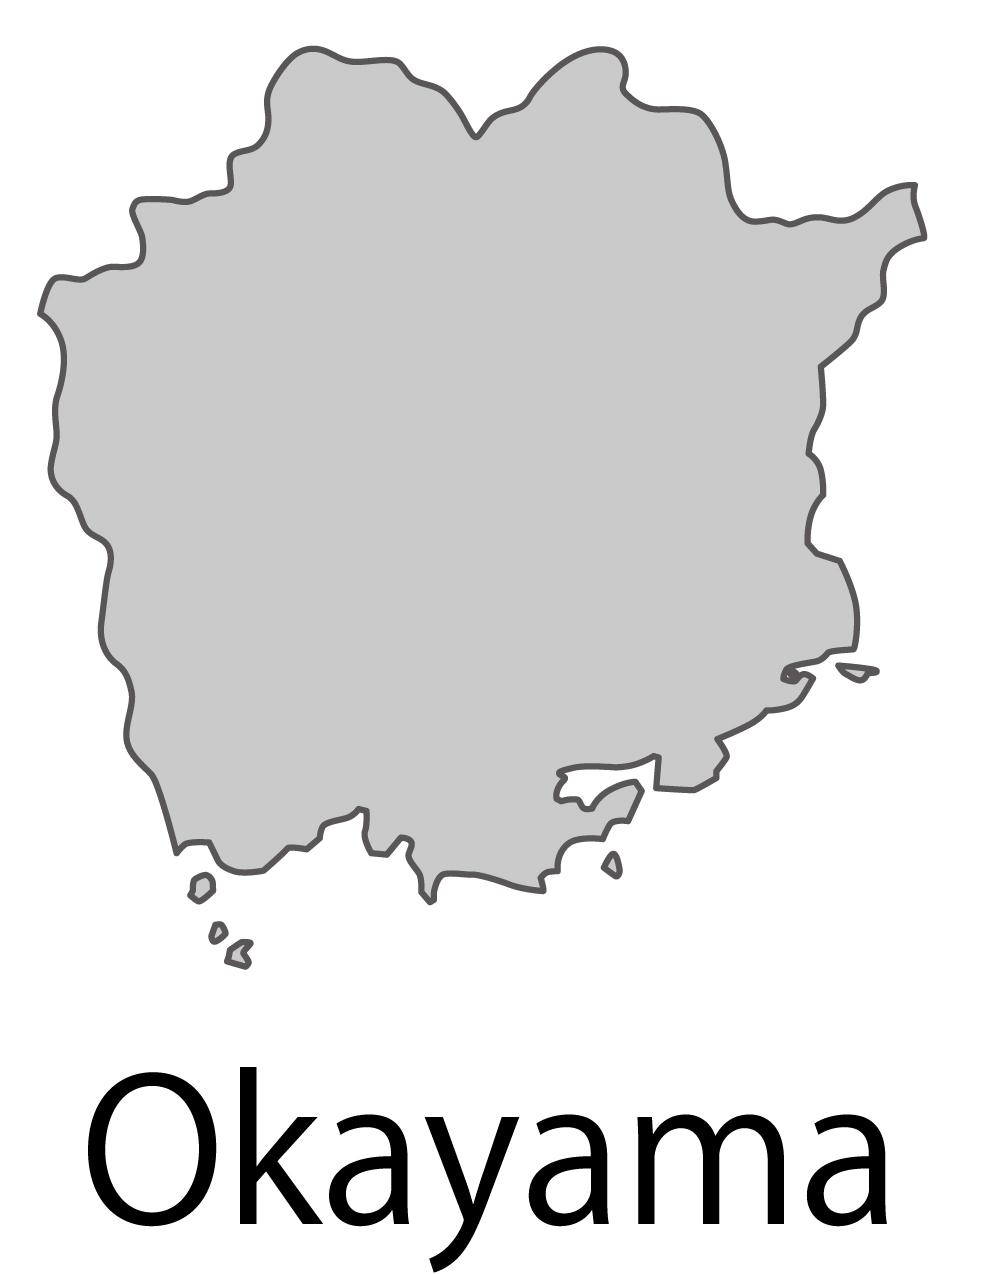 岡山県無料フリーイラスト|英語・都道府県名あり(グレー)